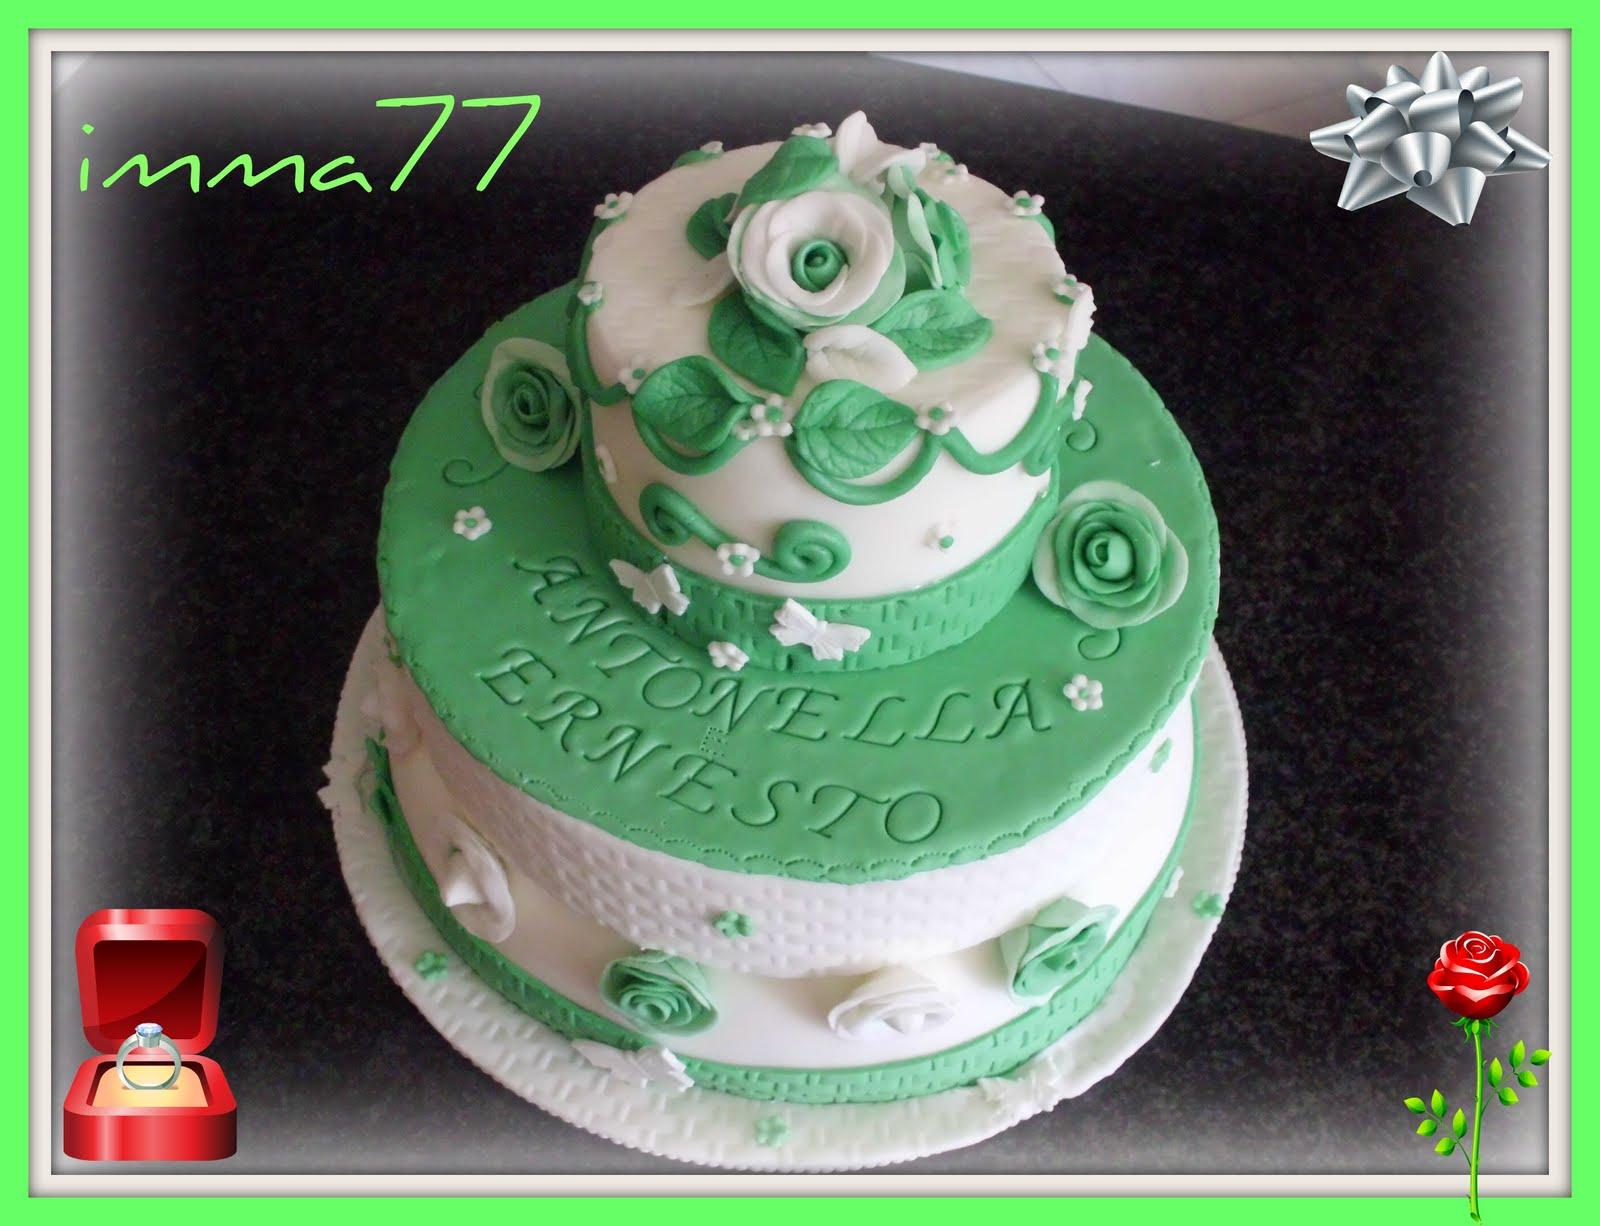 Eccezionale dolcemania di imma77: torta promessa di matrimonio PZ86